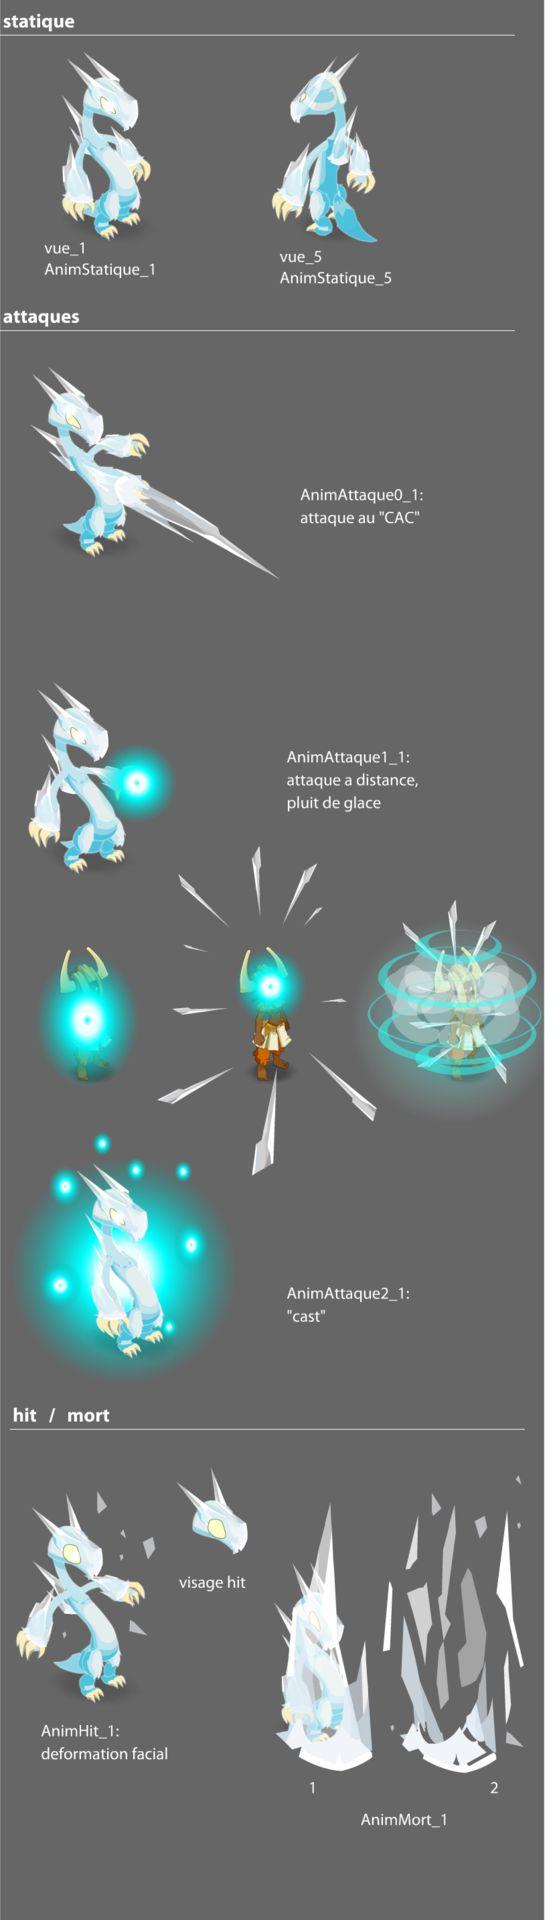 Fiches d'animations réaliser pour l iles de Frigost.